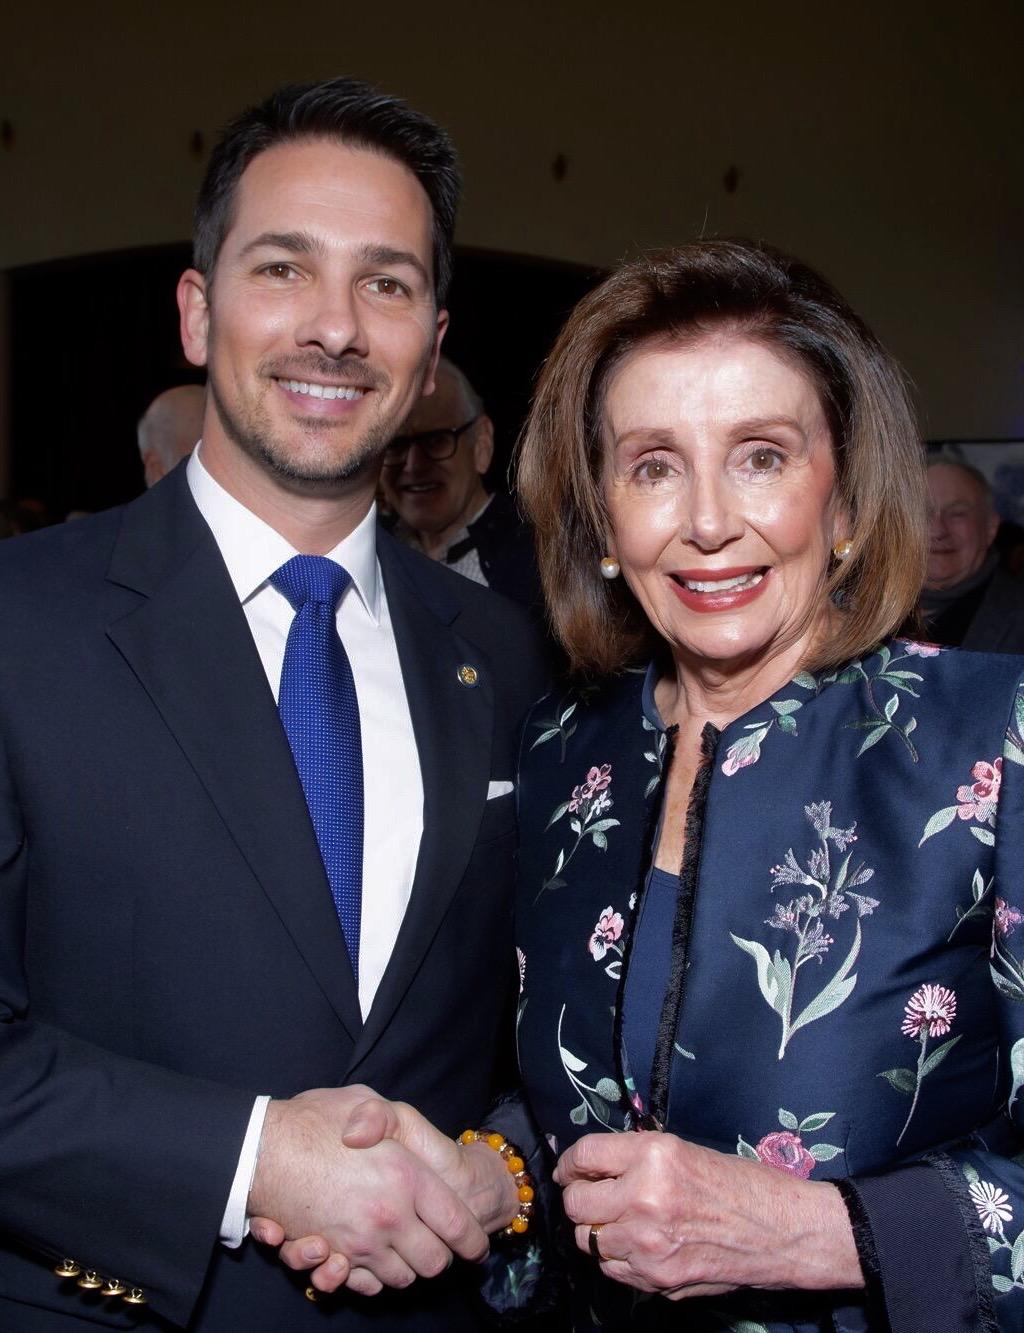 Speaker Pelosi endorses Dr. Olivieri